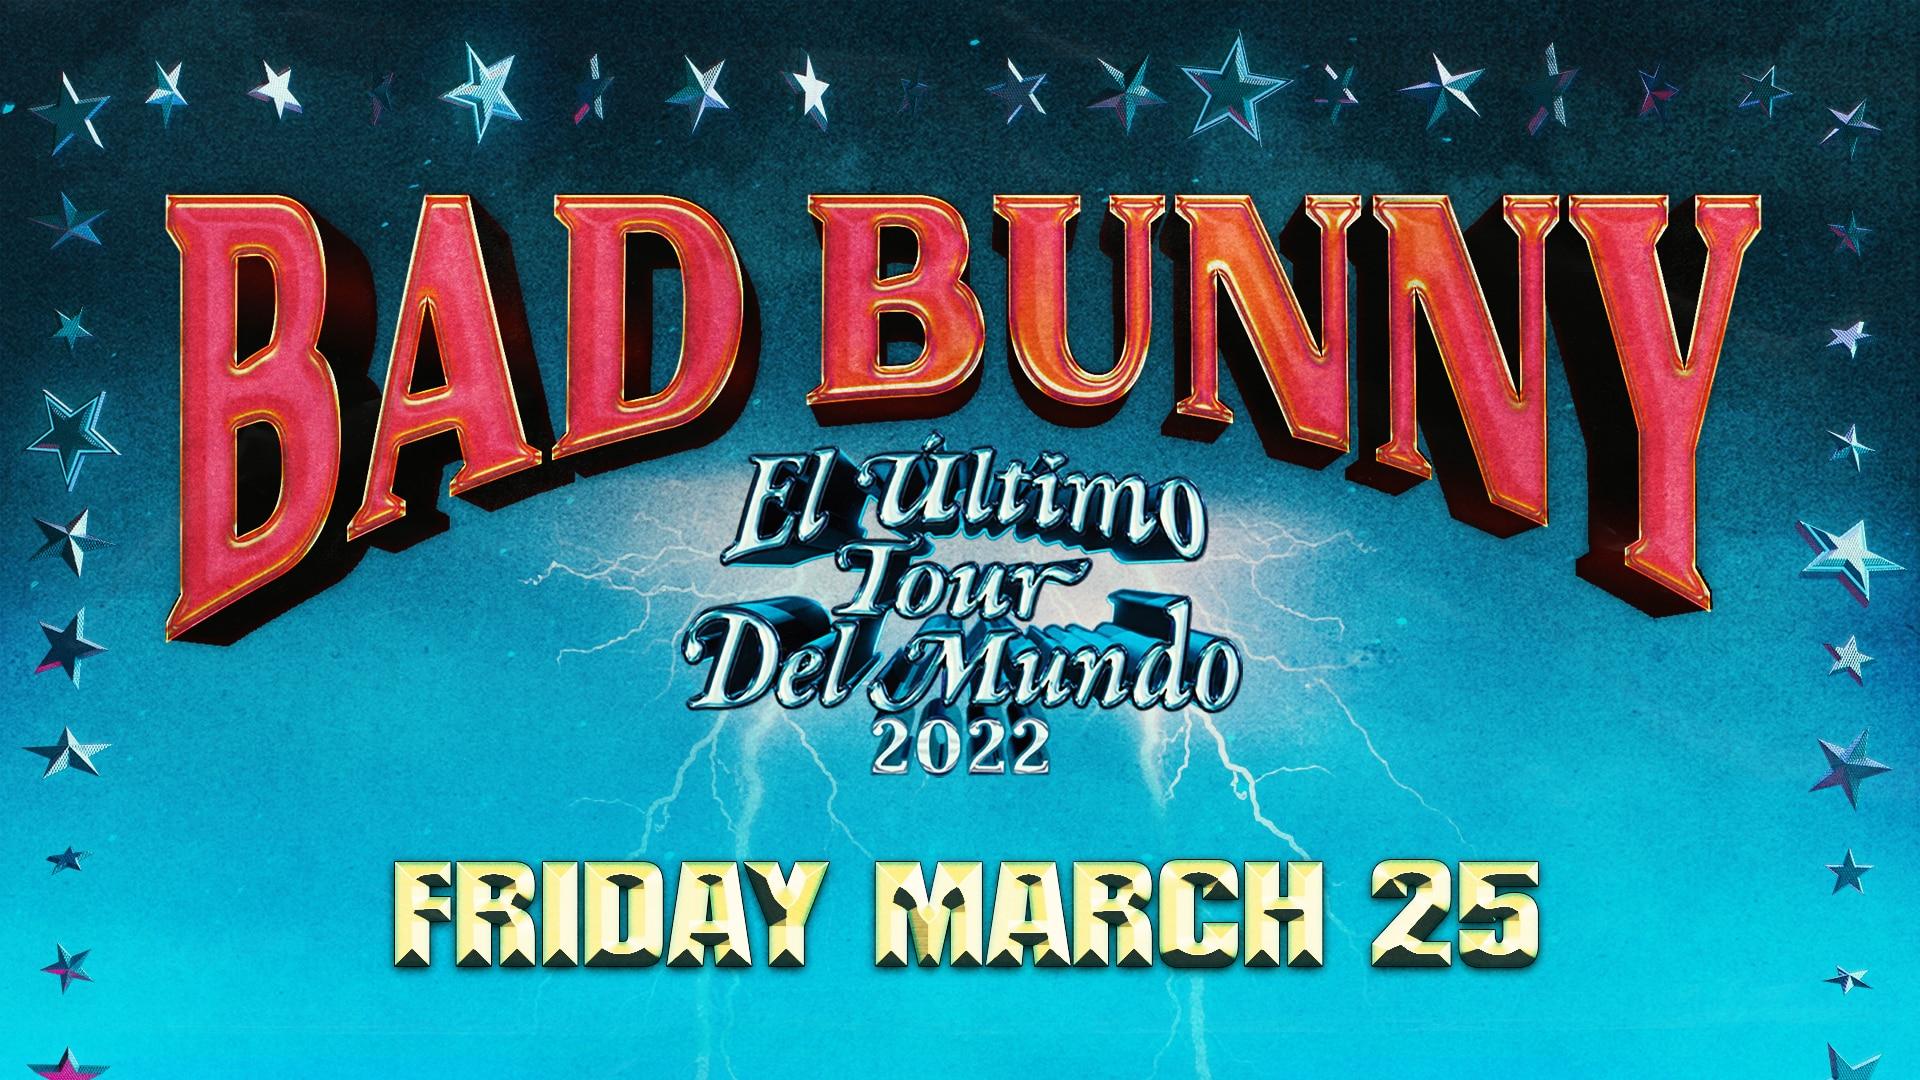 Bad Bunny El Ultimo Tour del Mundo: Friday | Mar 25, 2022